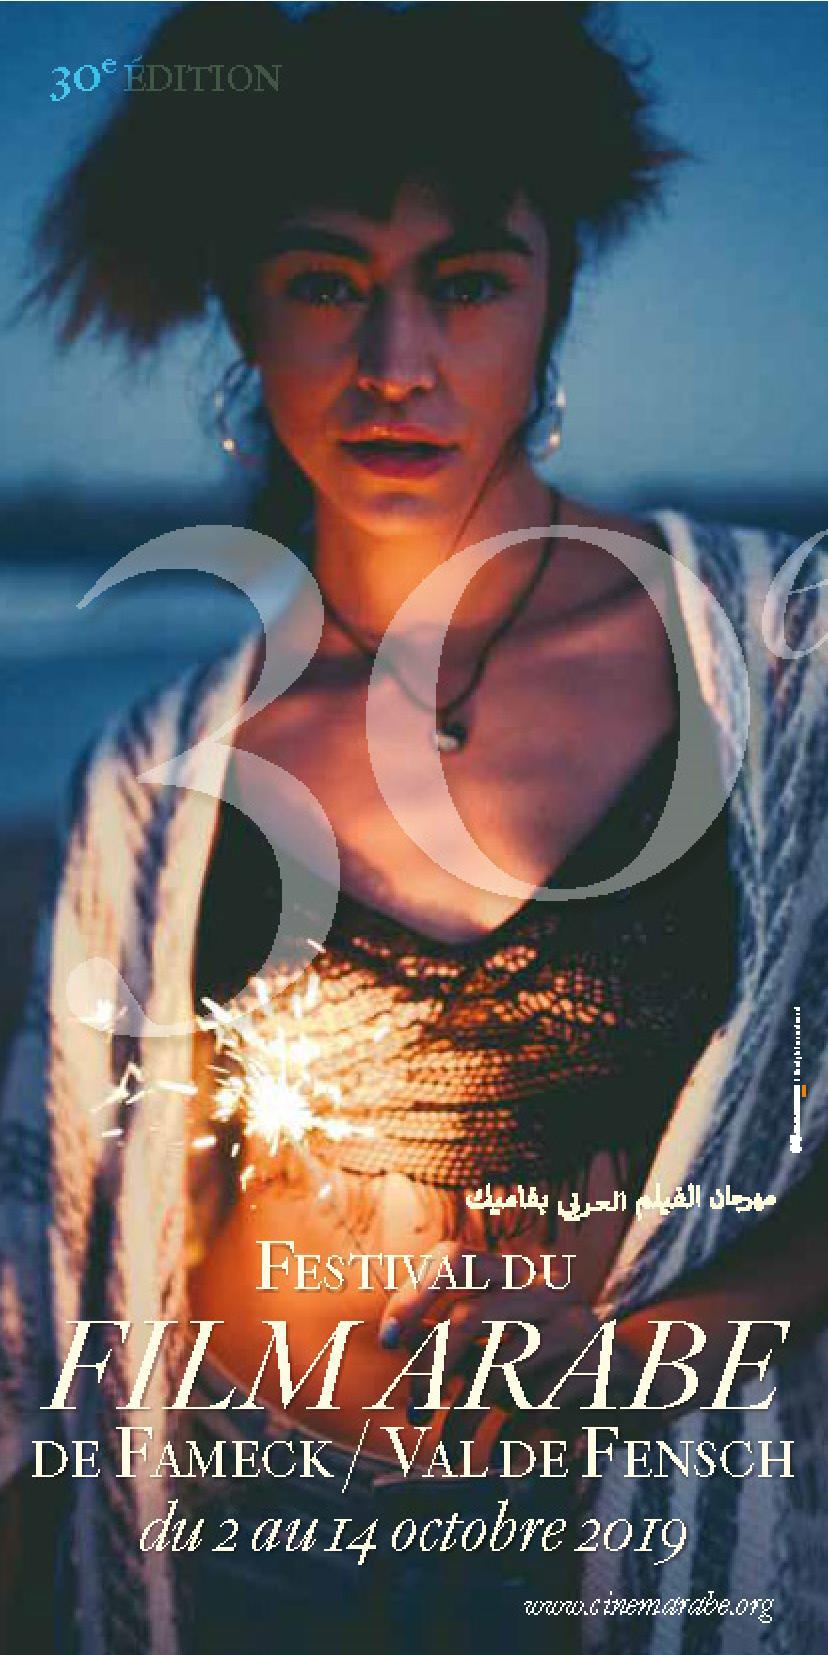 Festival du Film Arabe de Fameck 2019